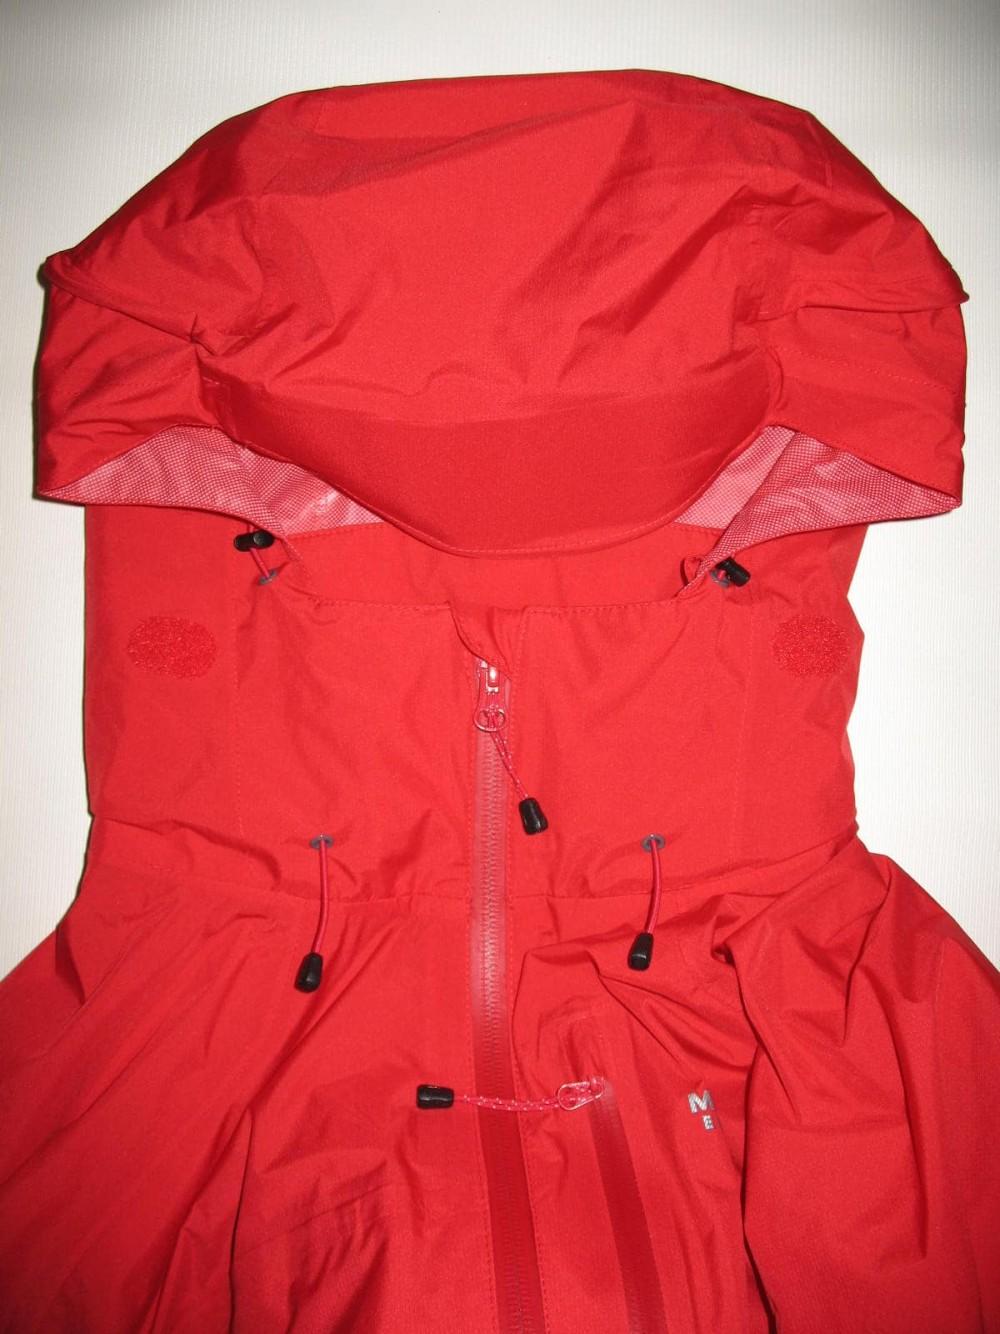 Куртка MOUNTAIN EQUIPMENT  aeon jacket (размер L) - 7